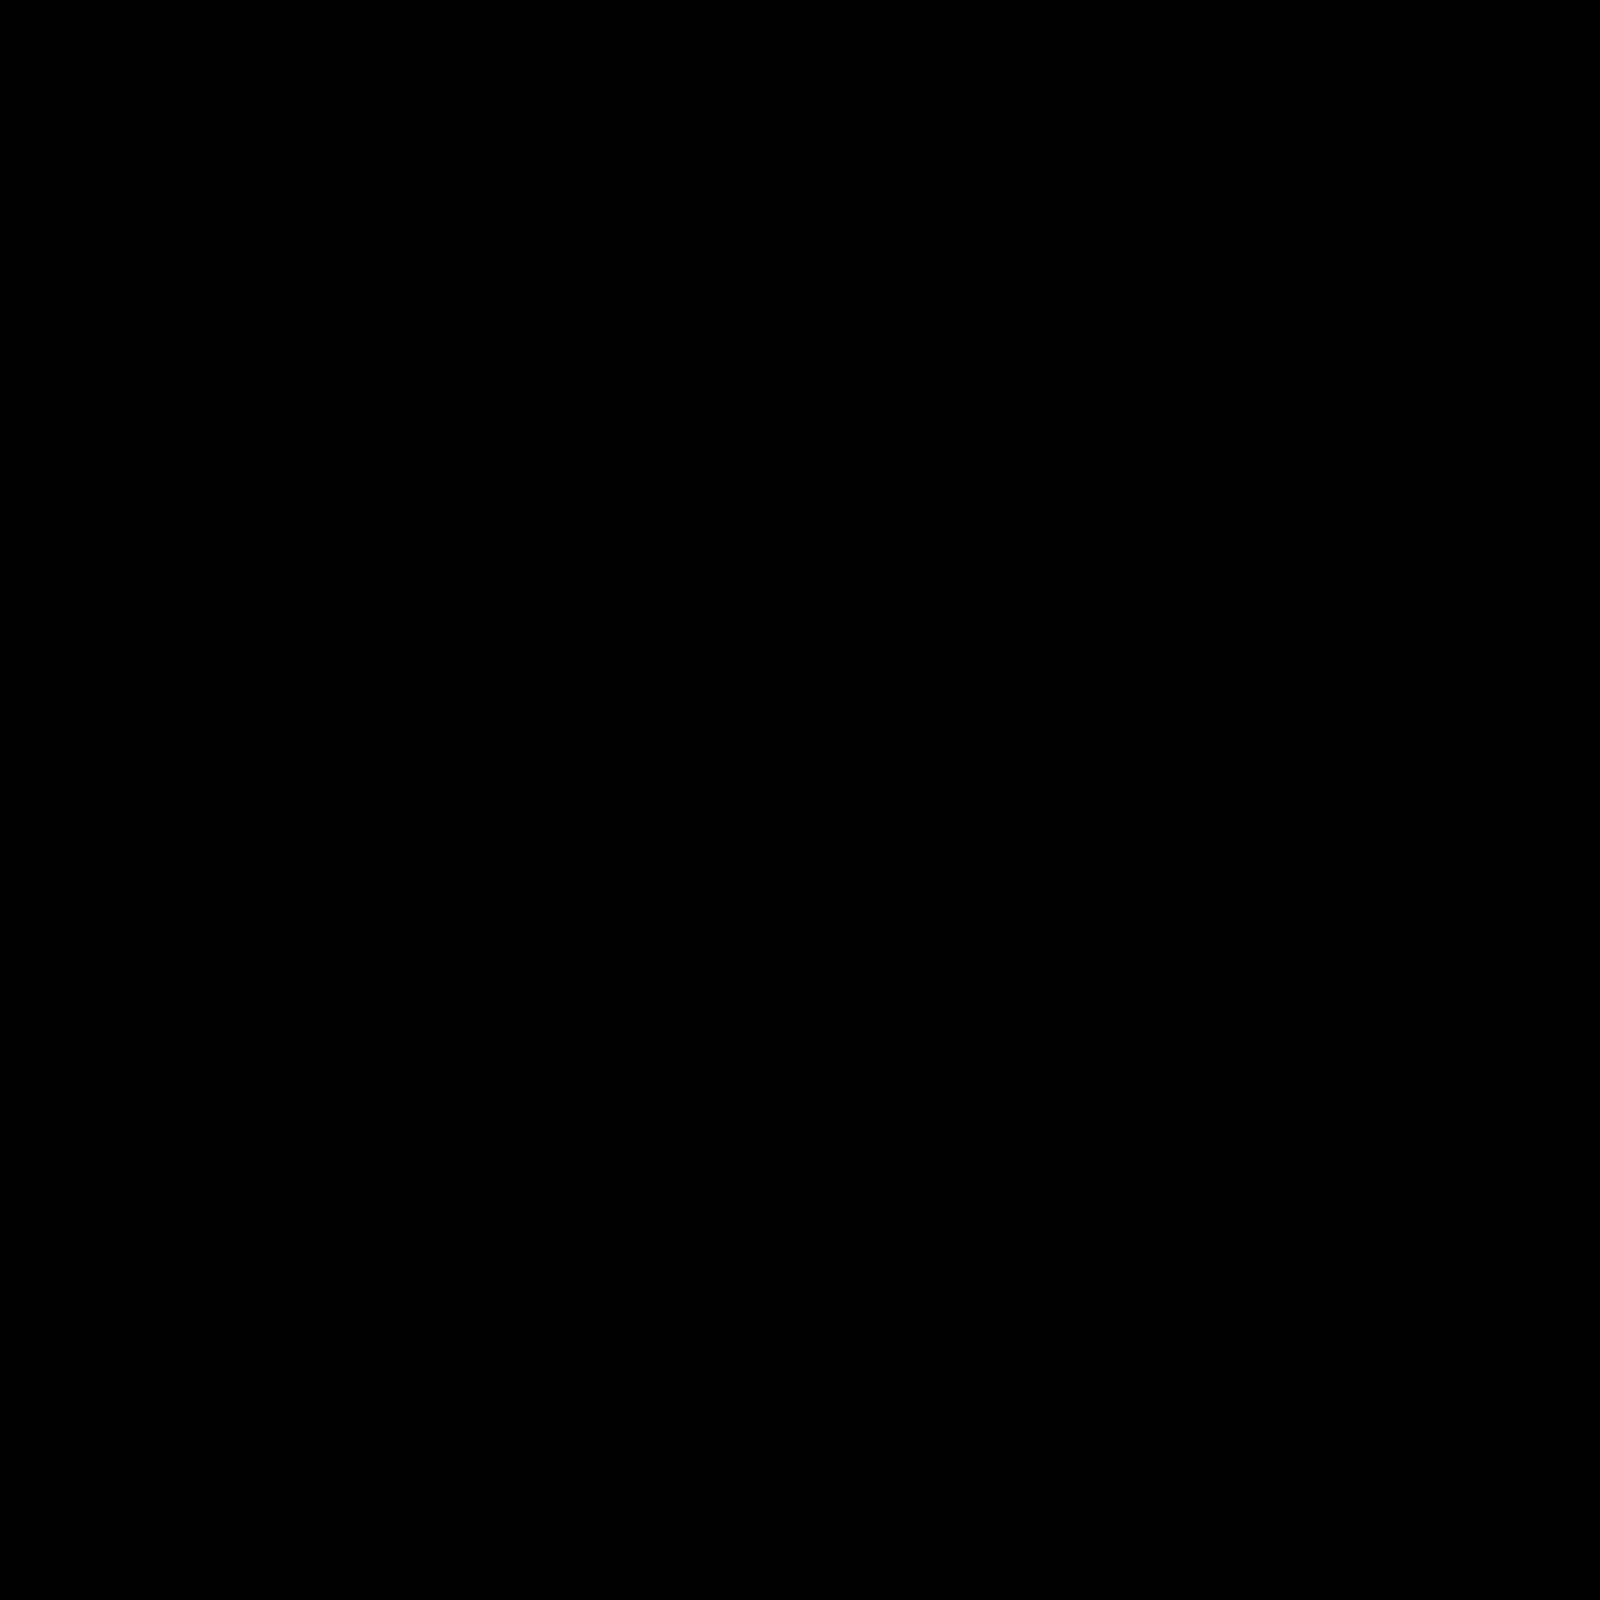 1600x1600 Fire Icon